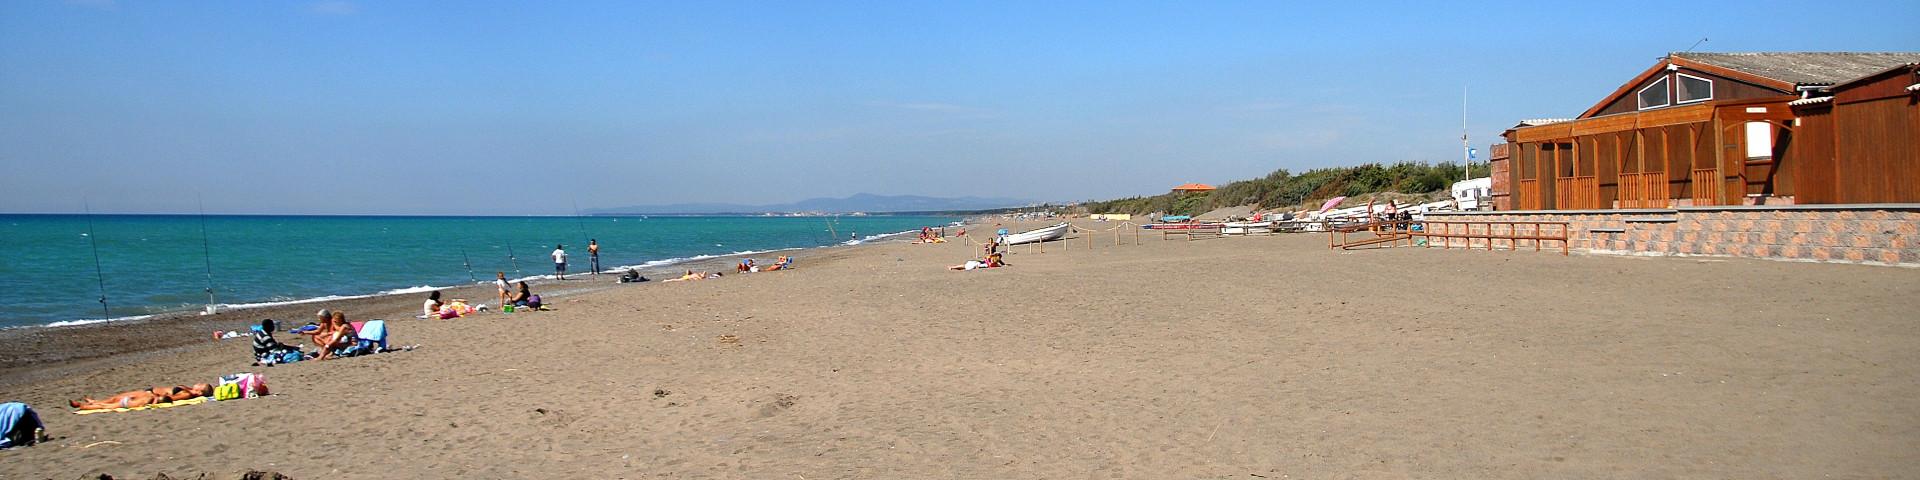 Marina di Bibbona, pláž poskytuje spoustu volného místa na hry i pro soukromí